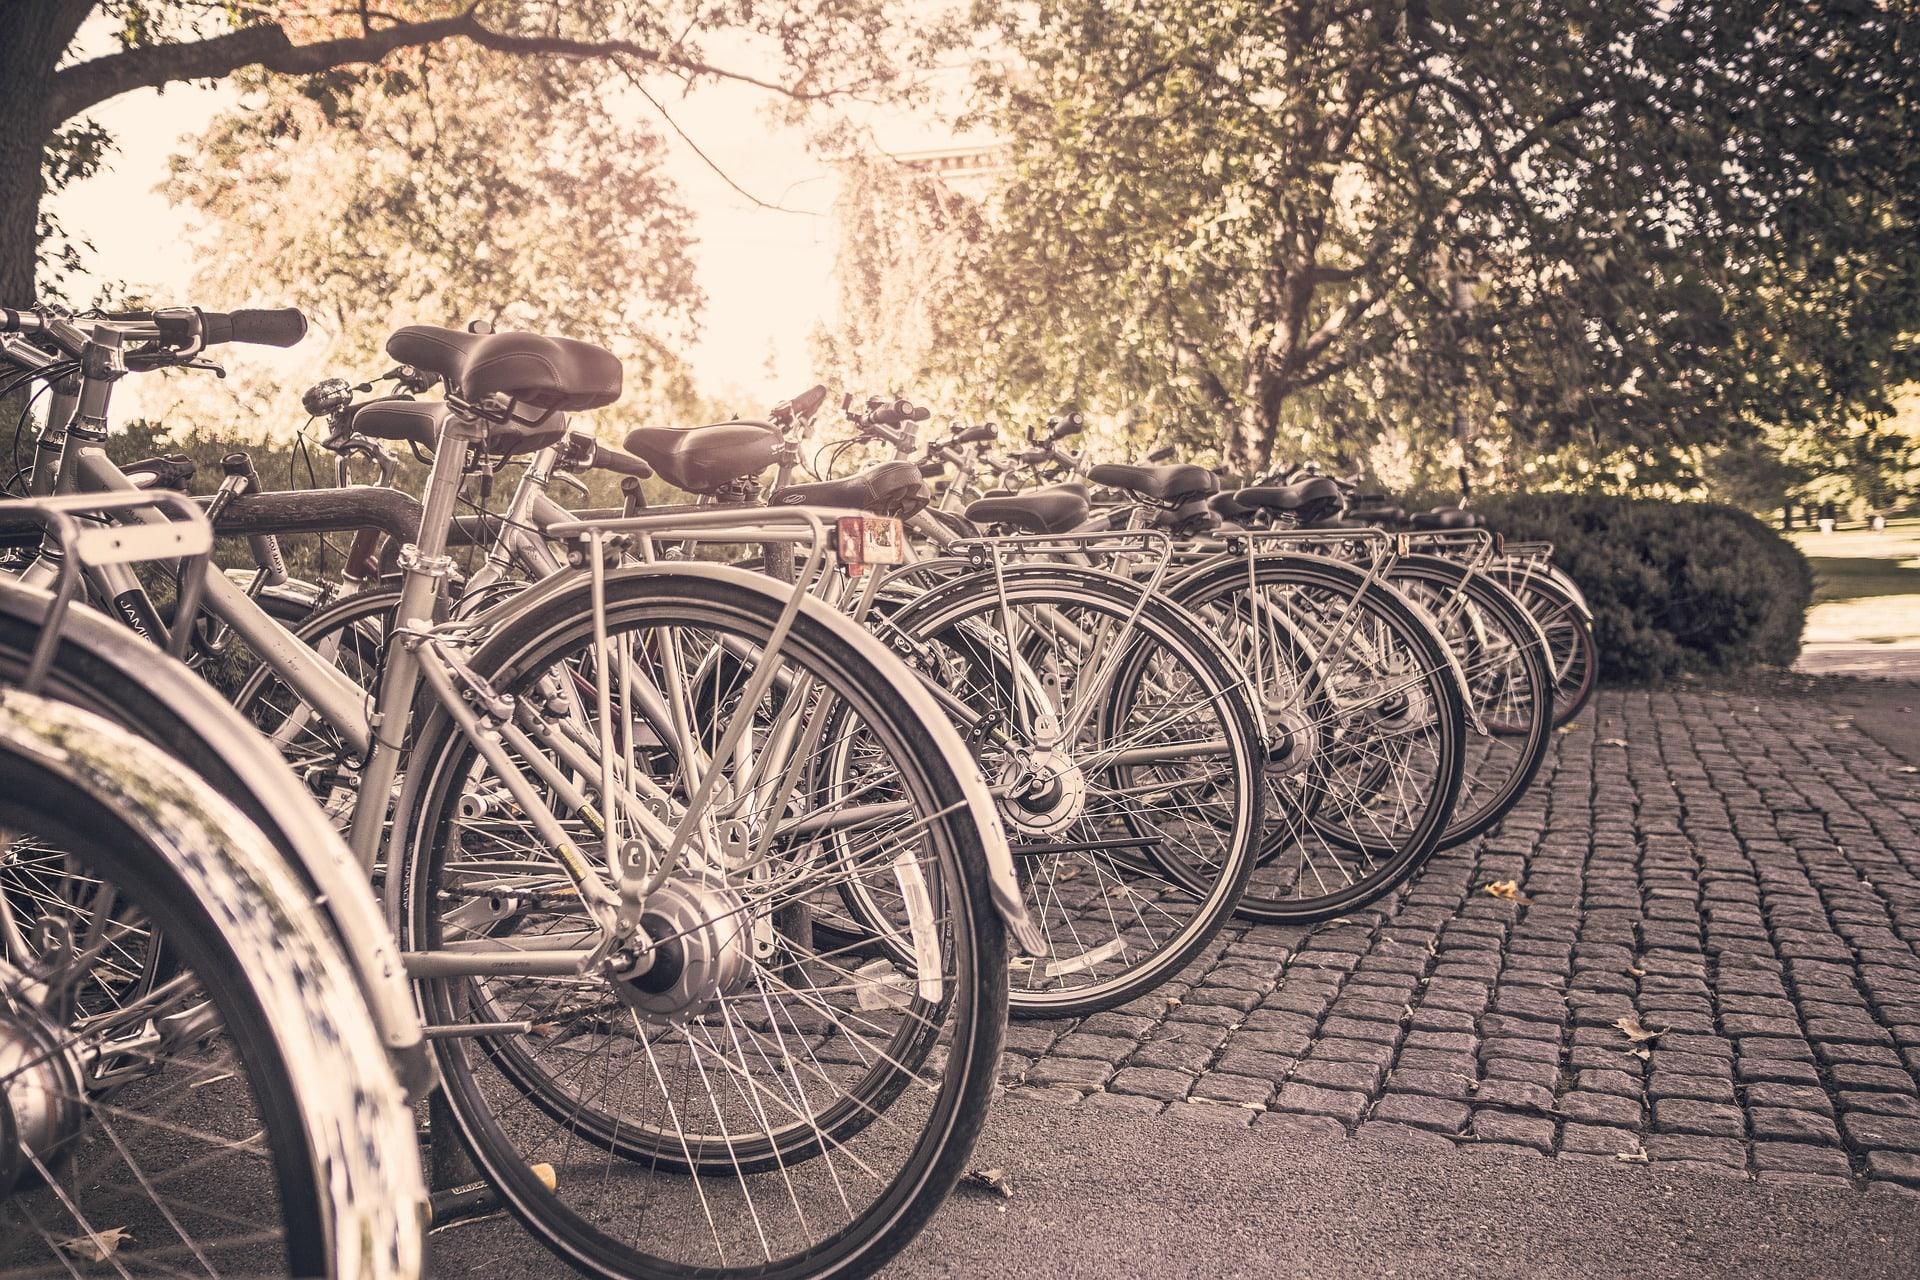 bikes-2631487_1920-min